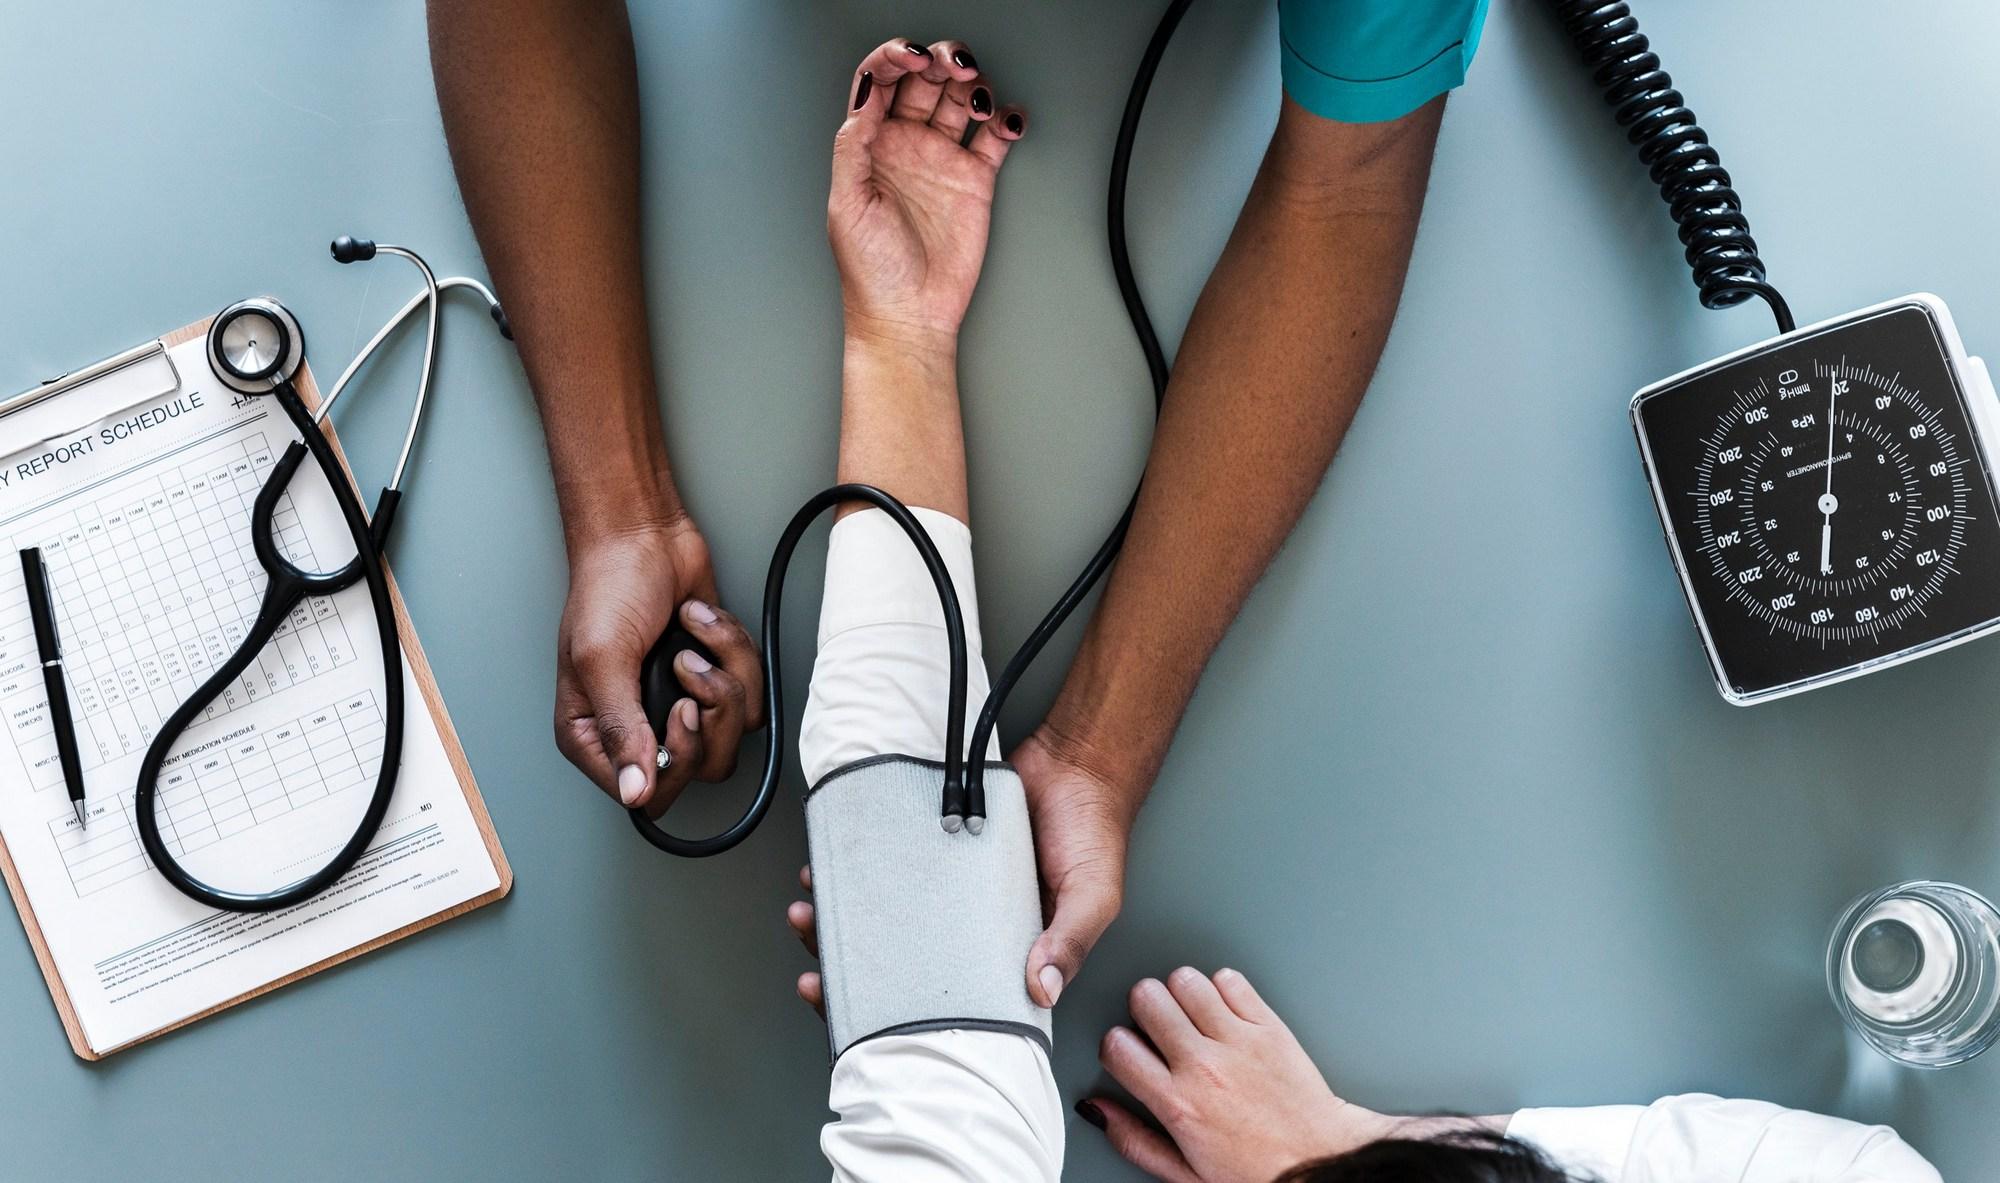 Verpleegkundigen vaakst slachtoffer van seksueel wangedrag